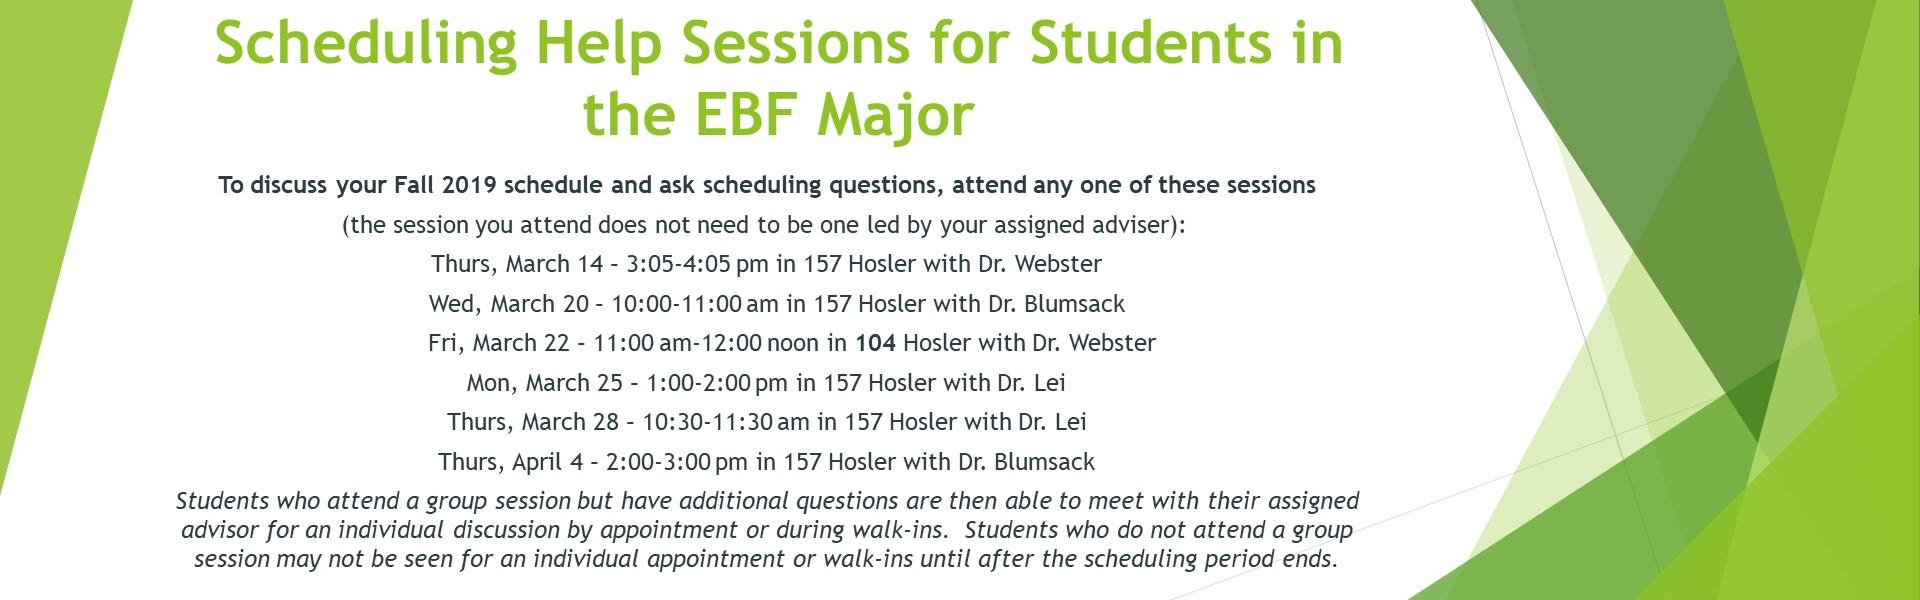 EBF Scheduling Calendar